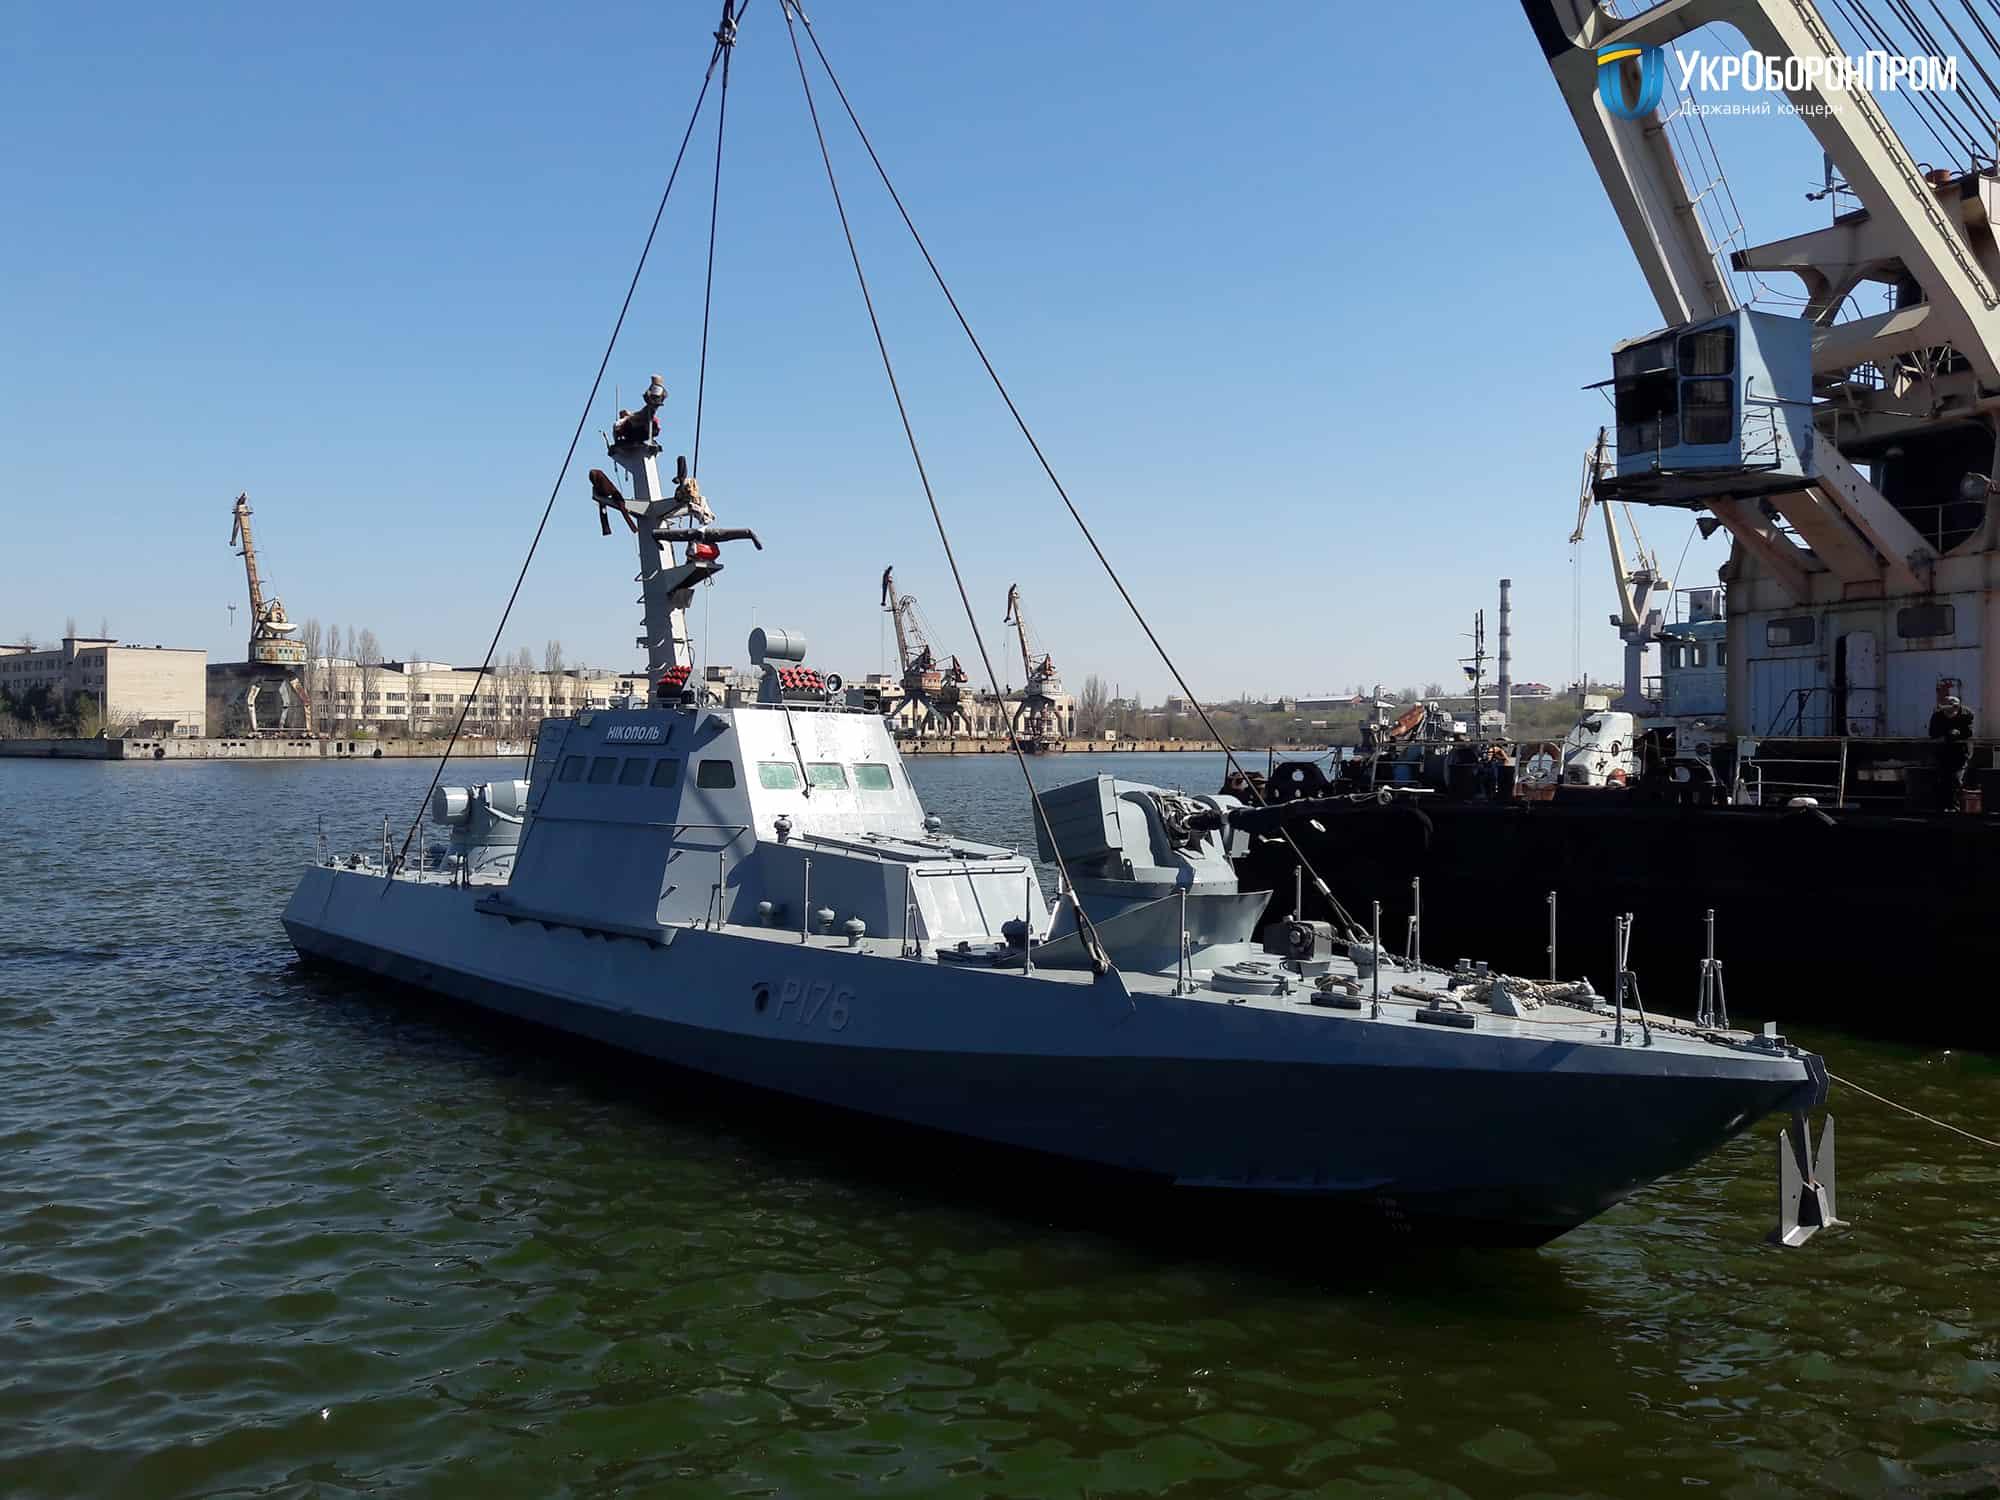 Спуск на воду МБАК Нікополь (P176) після проведення докового ремонту